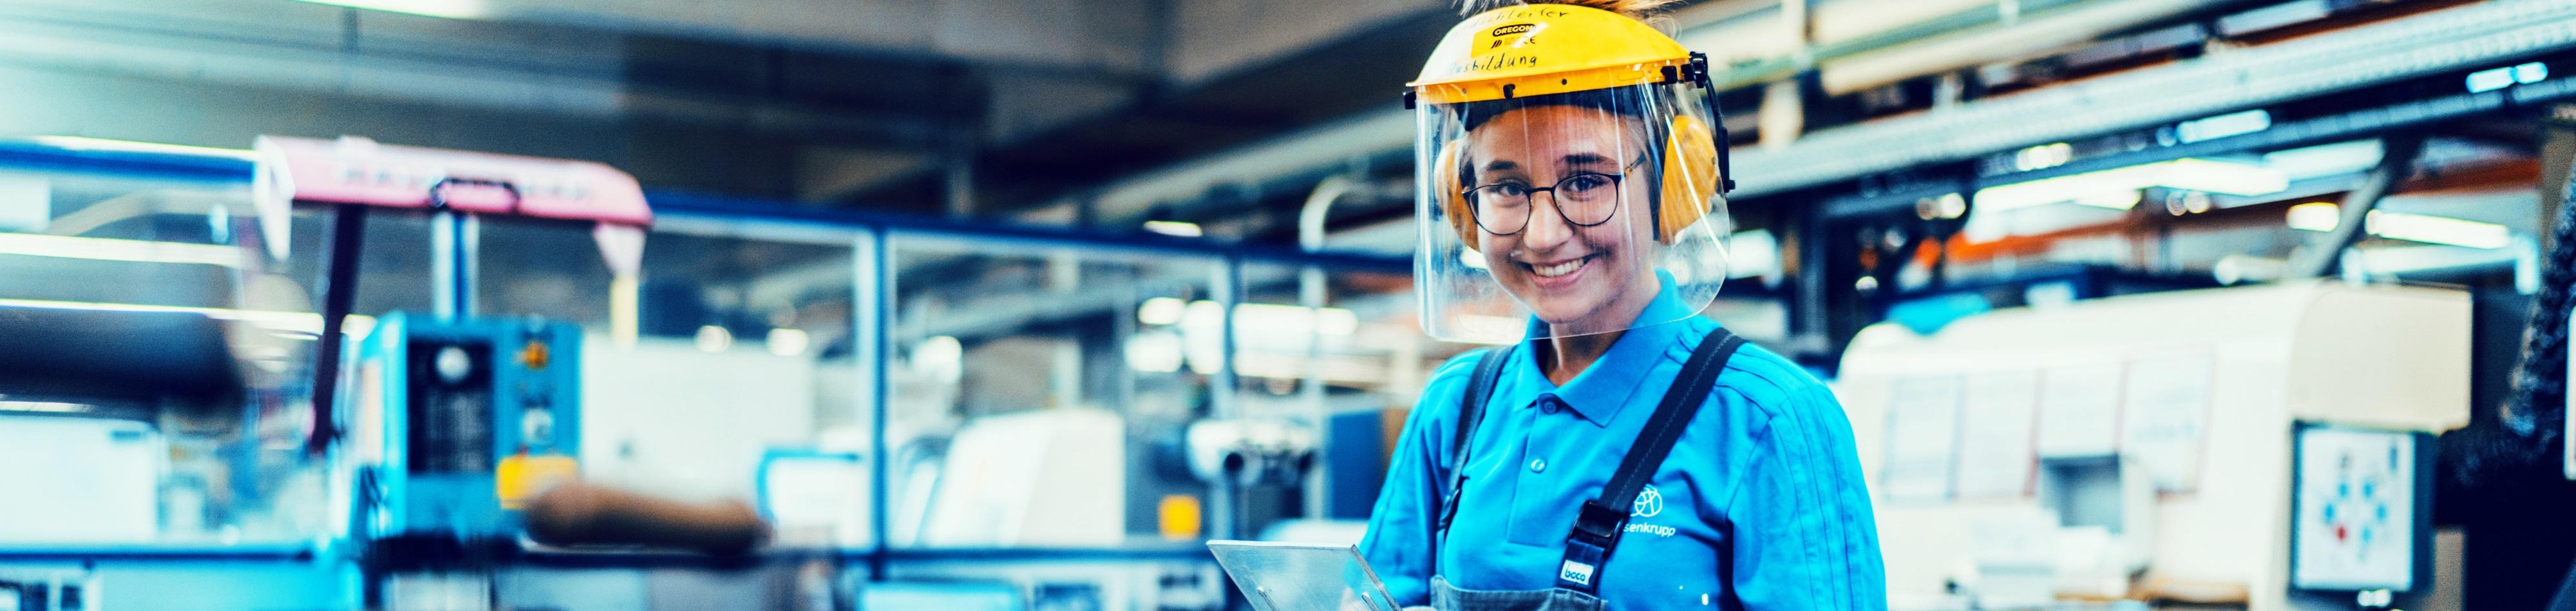 Laura macht eine technische Ausbildung zur Industriemechanikerin